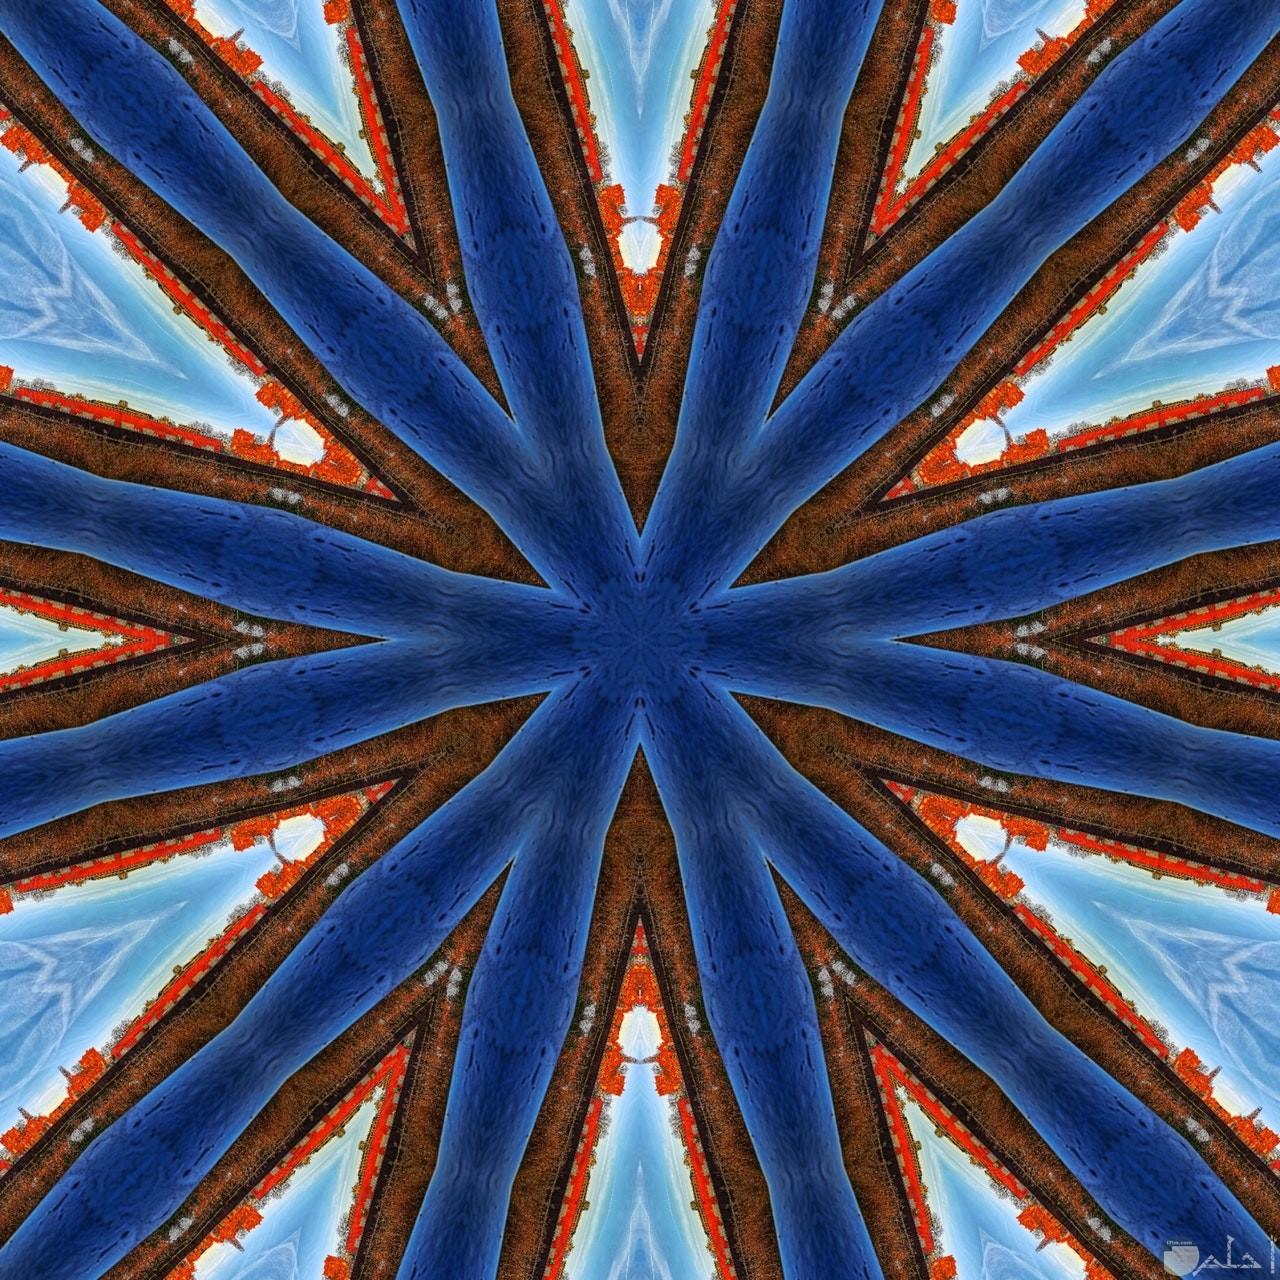 صورة غريبة لتقاطع خطوط كثيرة زرقاء بغلاف بني في الوسط